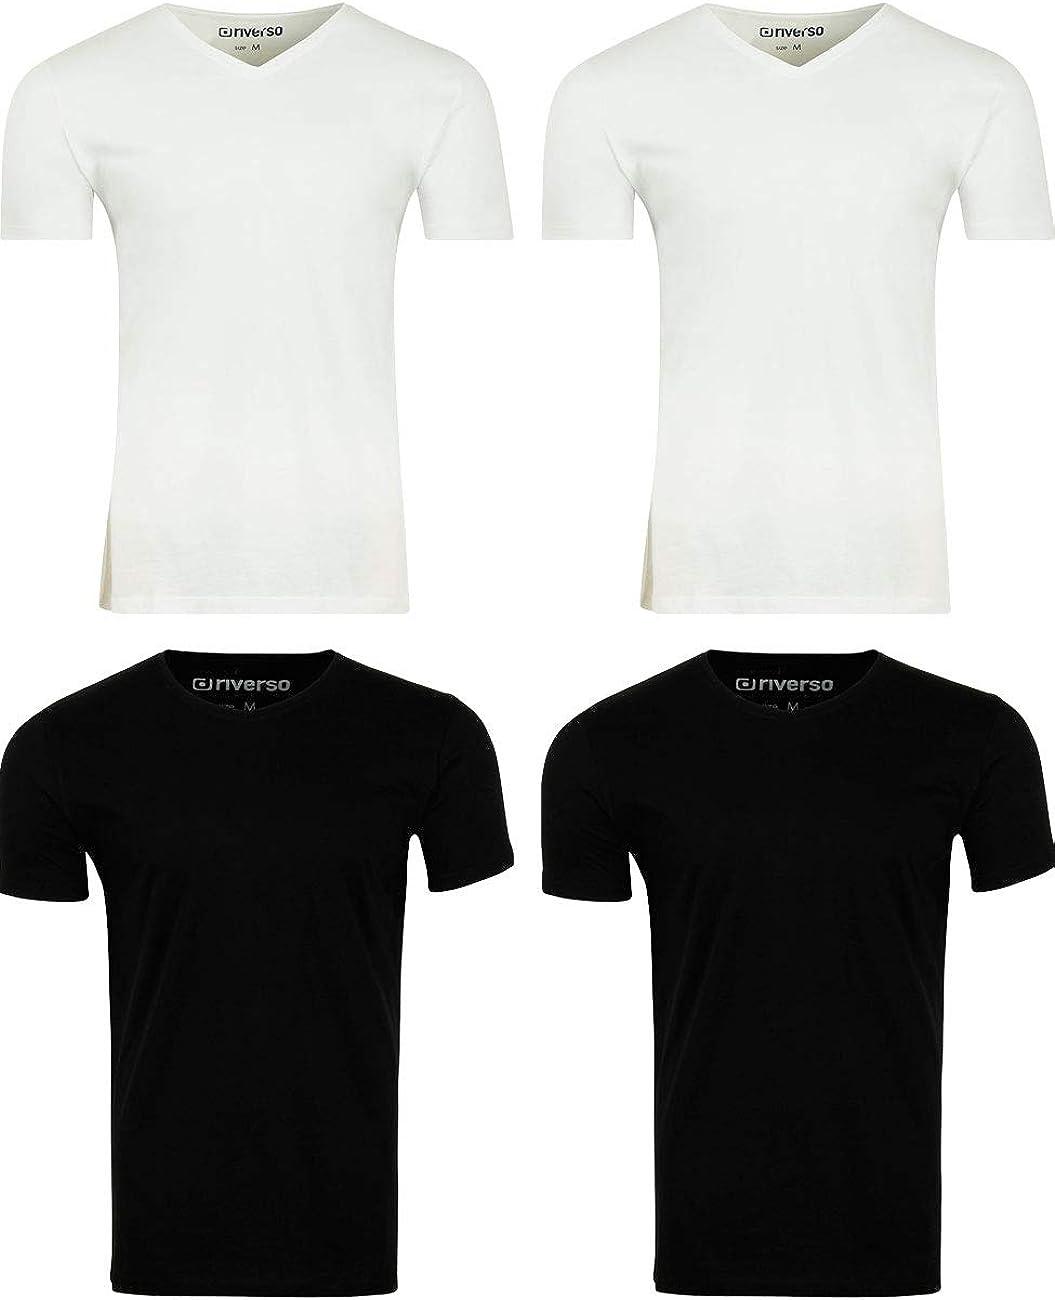 Riverso - Pack de 4 camisetas básicas para hombre RIVNico, cuello en V, de manga corta, de algodón, color blanco, negro, gris, azul, S, M, L, XL, 2XL, 3XL, 4XL, 5XL: Amazon.es: